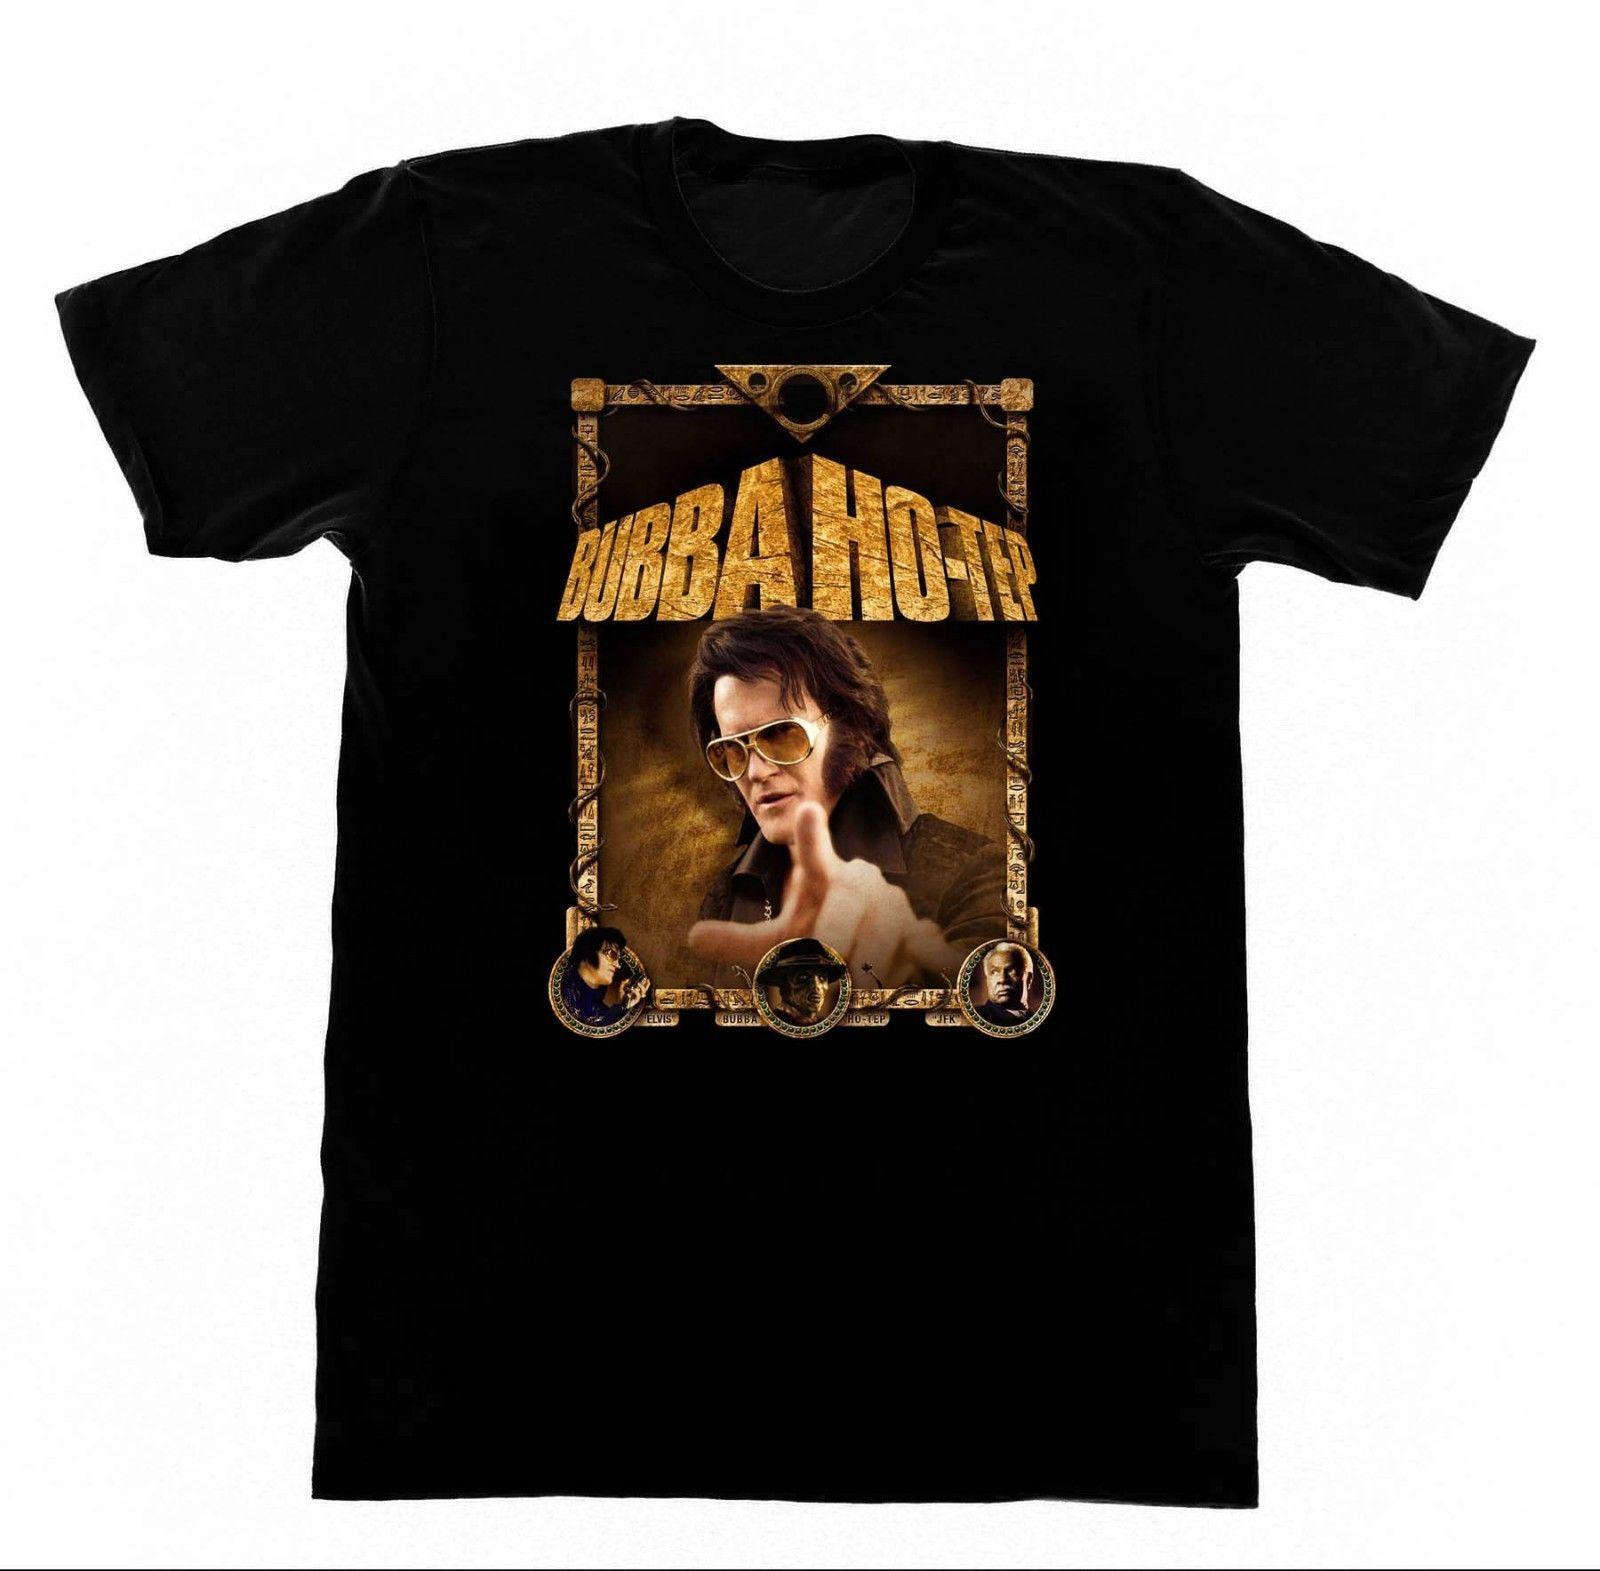 Bubba Ho - Tep Camiseta 91 T-shirt Hotep Bruce Campbell Exército Mal Morto Da Escuridão Mangas Curtas Nova Moda T-shirt Dos Homens de Roupas